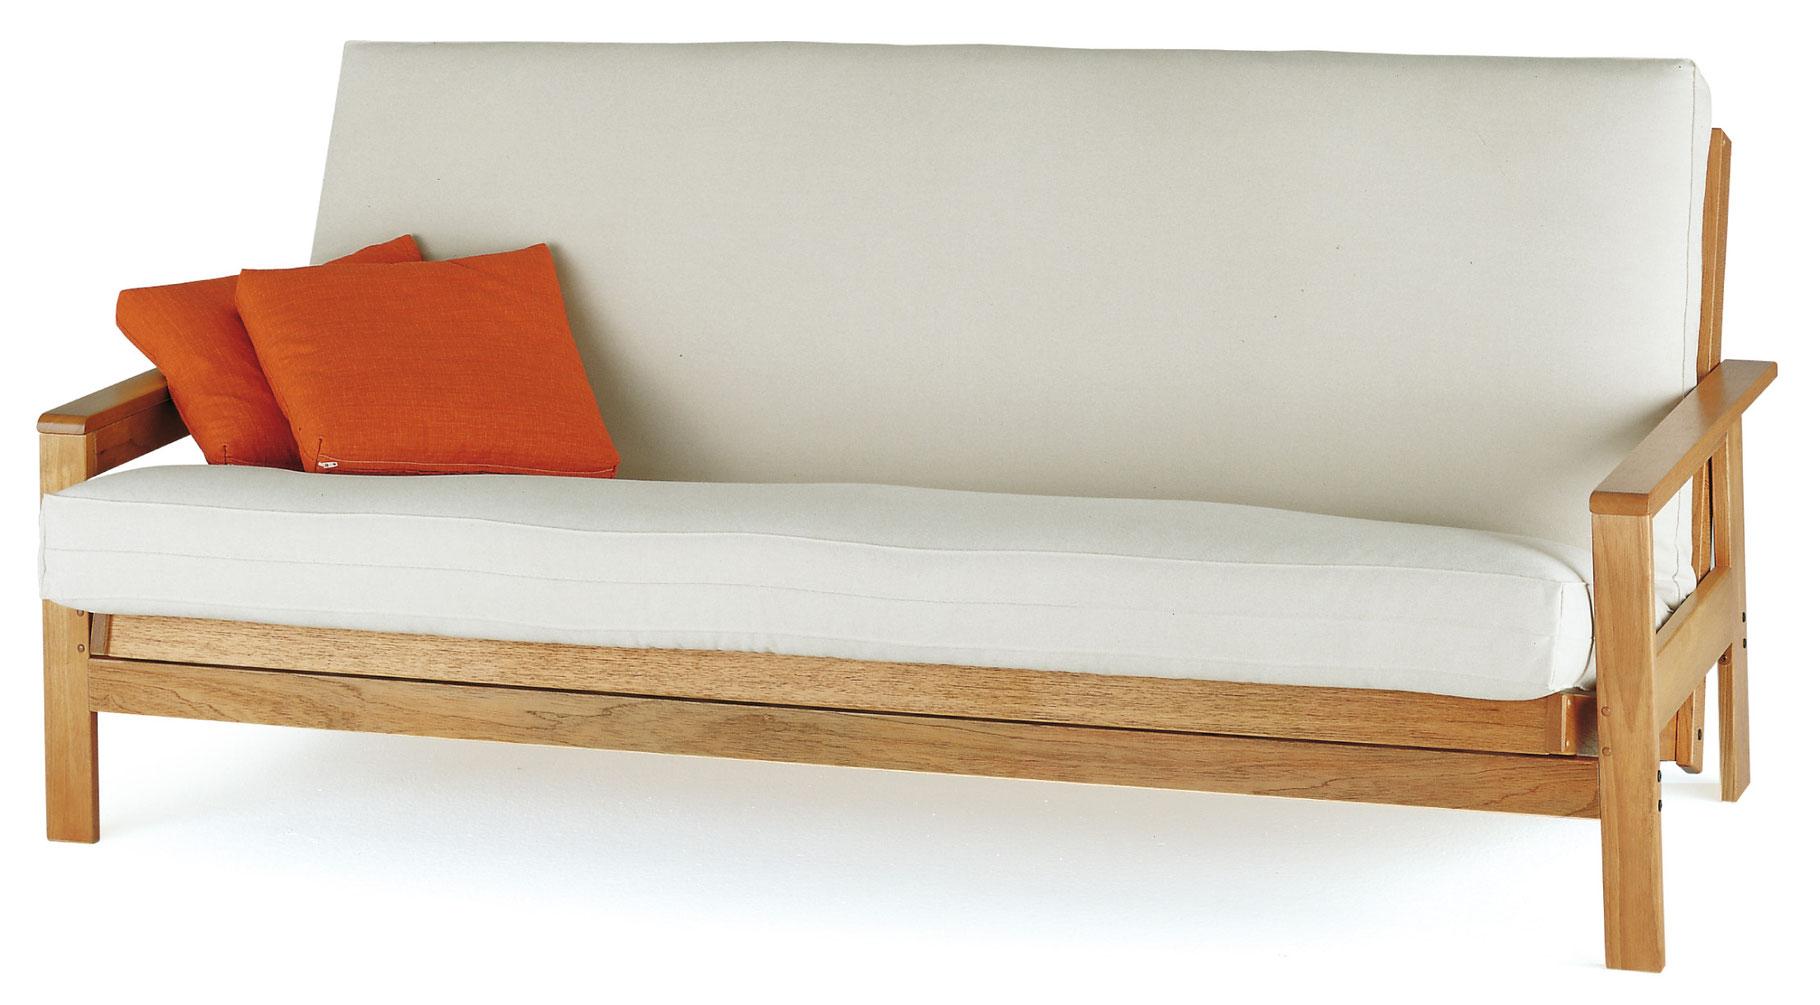 Vermont futones colchones camas tatamis y convertibles for Sofa convertible en cama